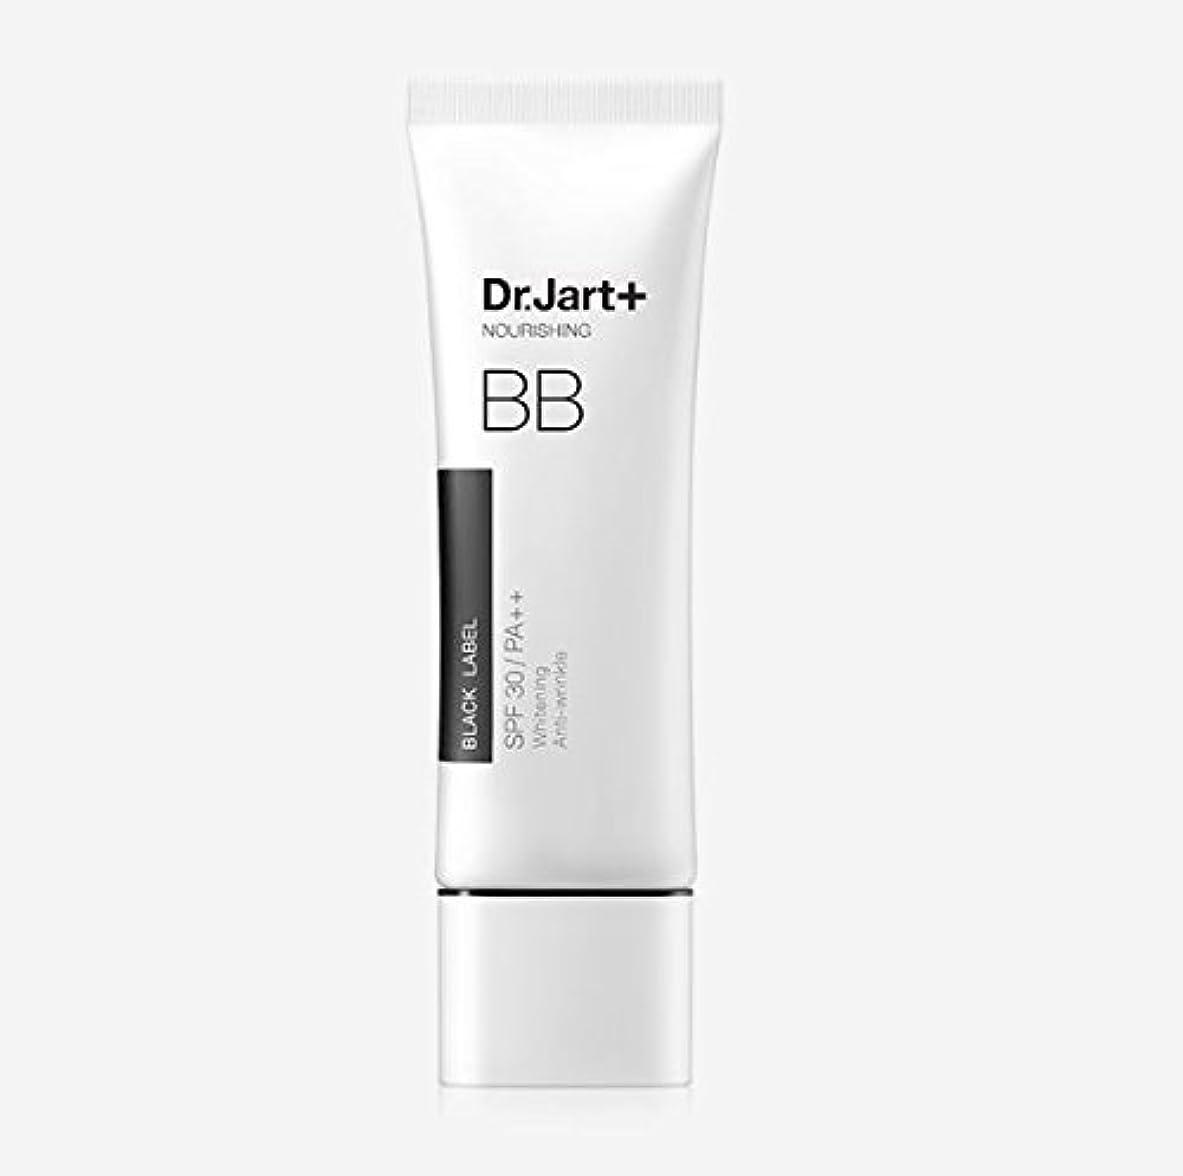 すごい法令政治家[Dr. Jart] Black Label BB Nourishing Beauty Balm 50ml SPF30 PA++/[ドクタージャルト] ブラックラベル BB ナリーシン ビューティー バーム 50ml SPF30...